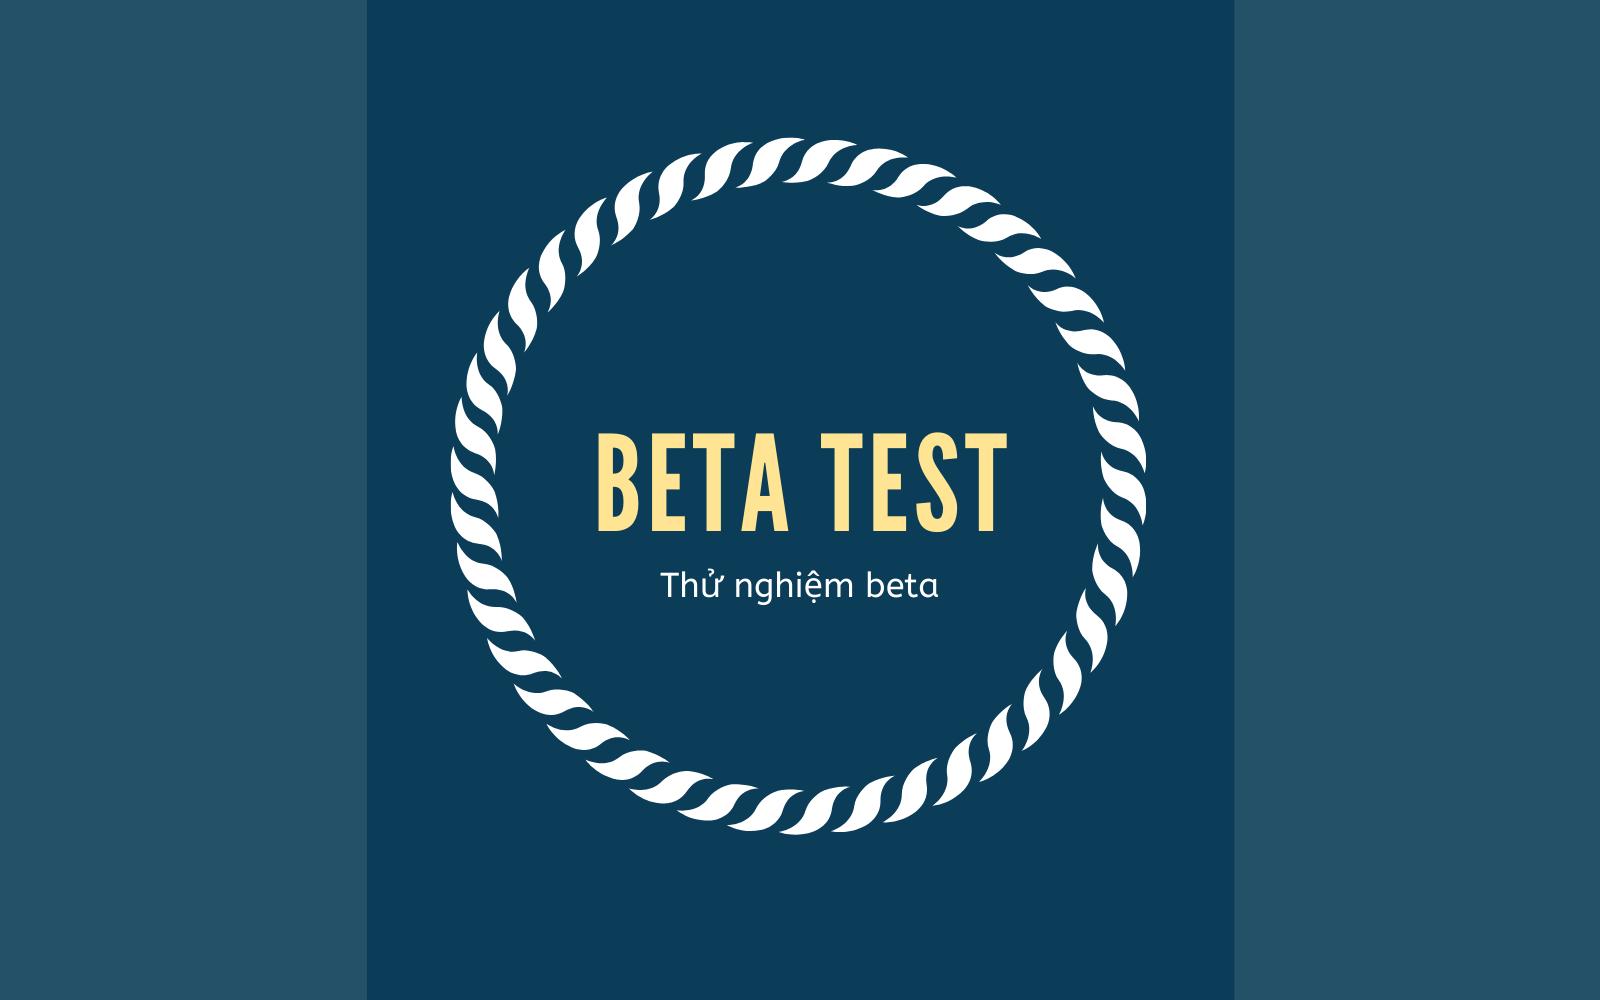 Thử nghiệm beta (Beta Test) là gì? Qui trình thử nghiệm beta - Ảnh 1.